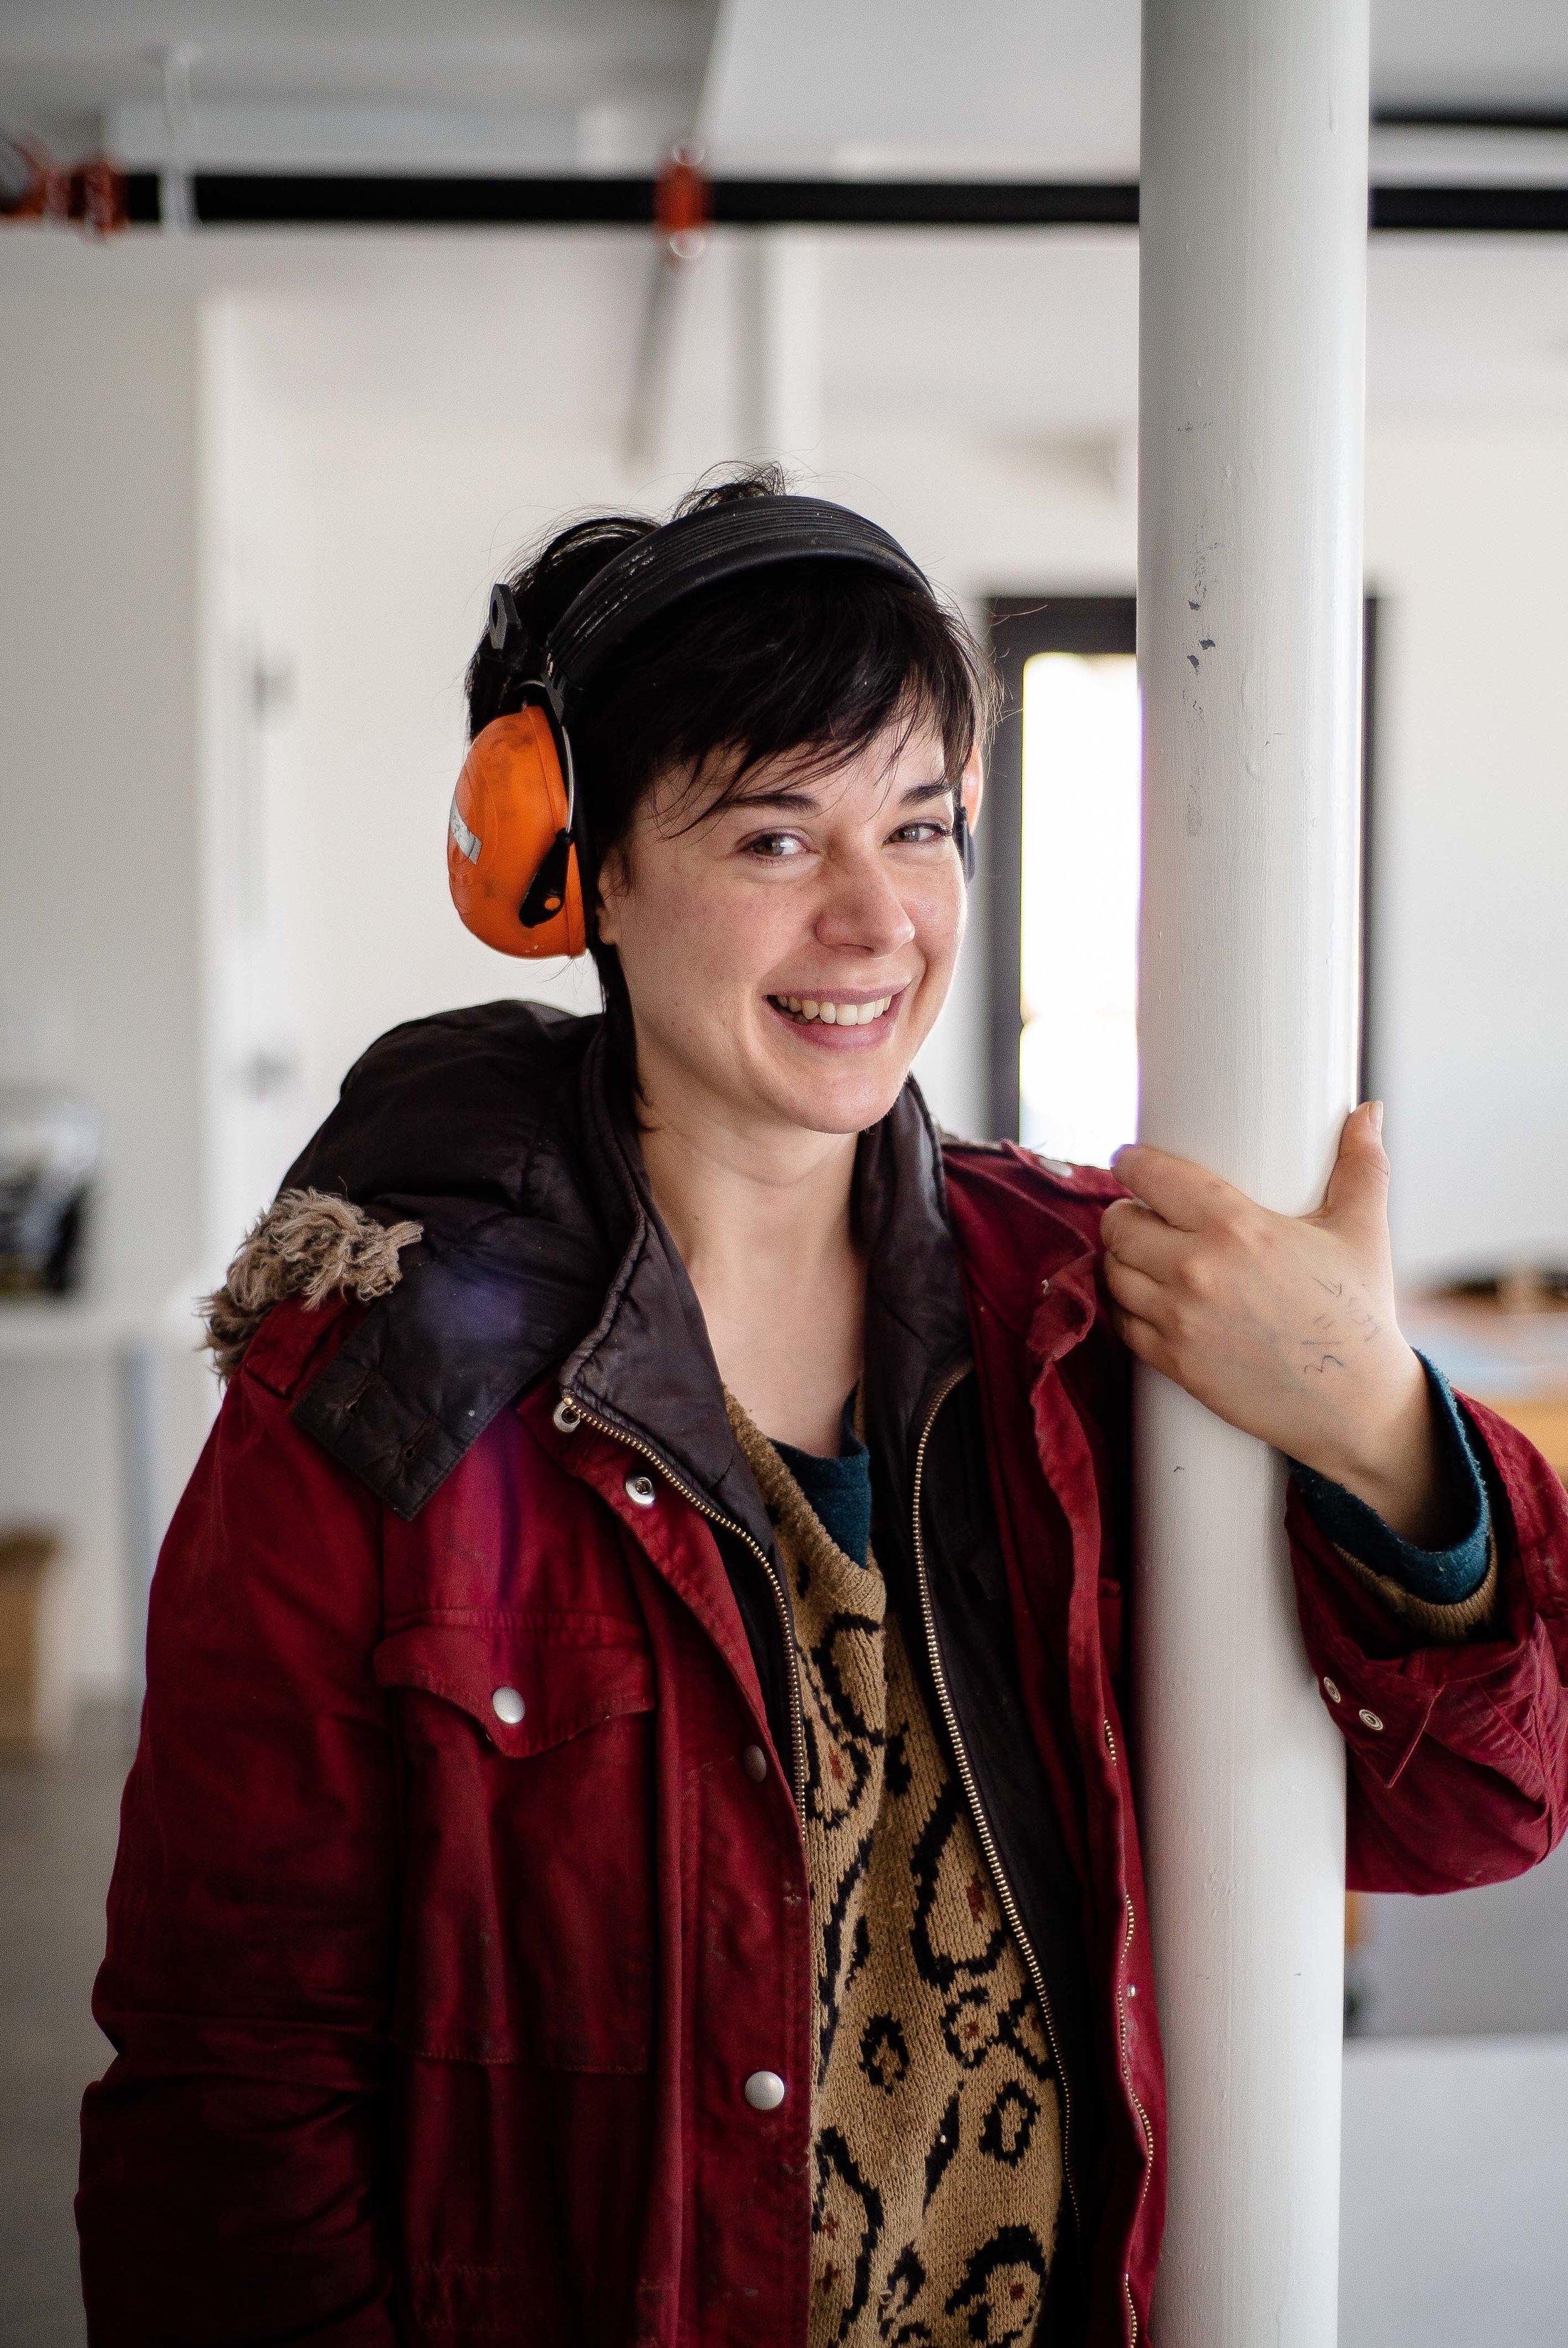 Emily Cornell du Houx  | Photo: Chris Battaglia